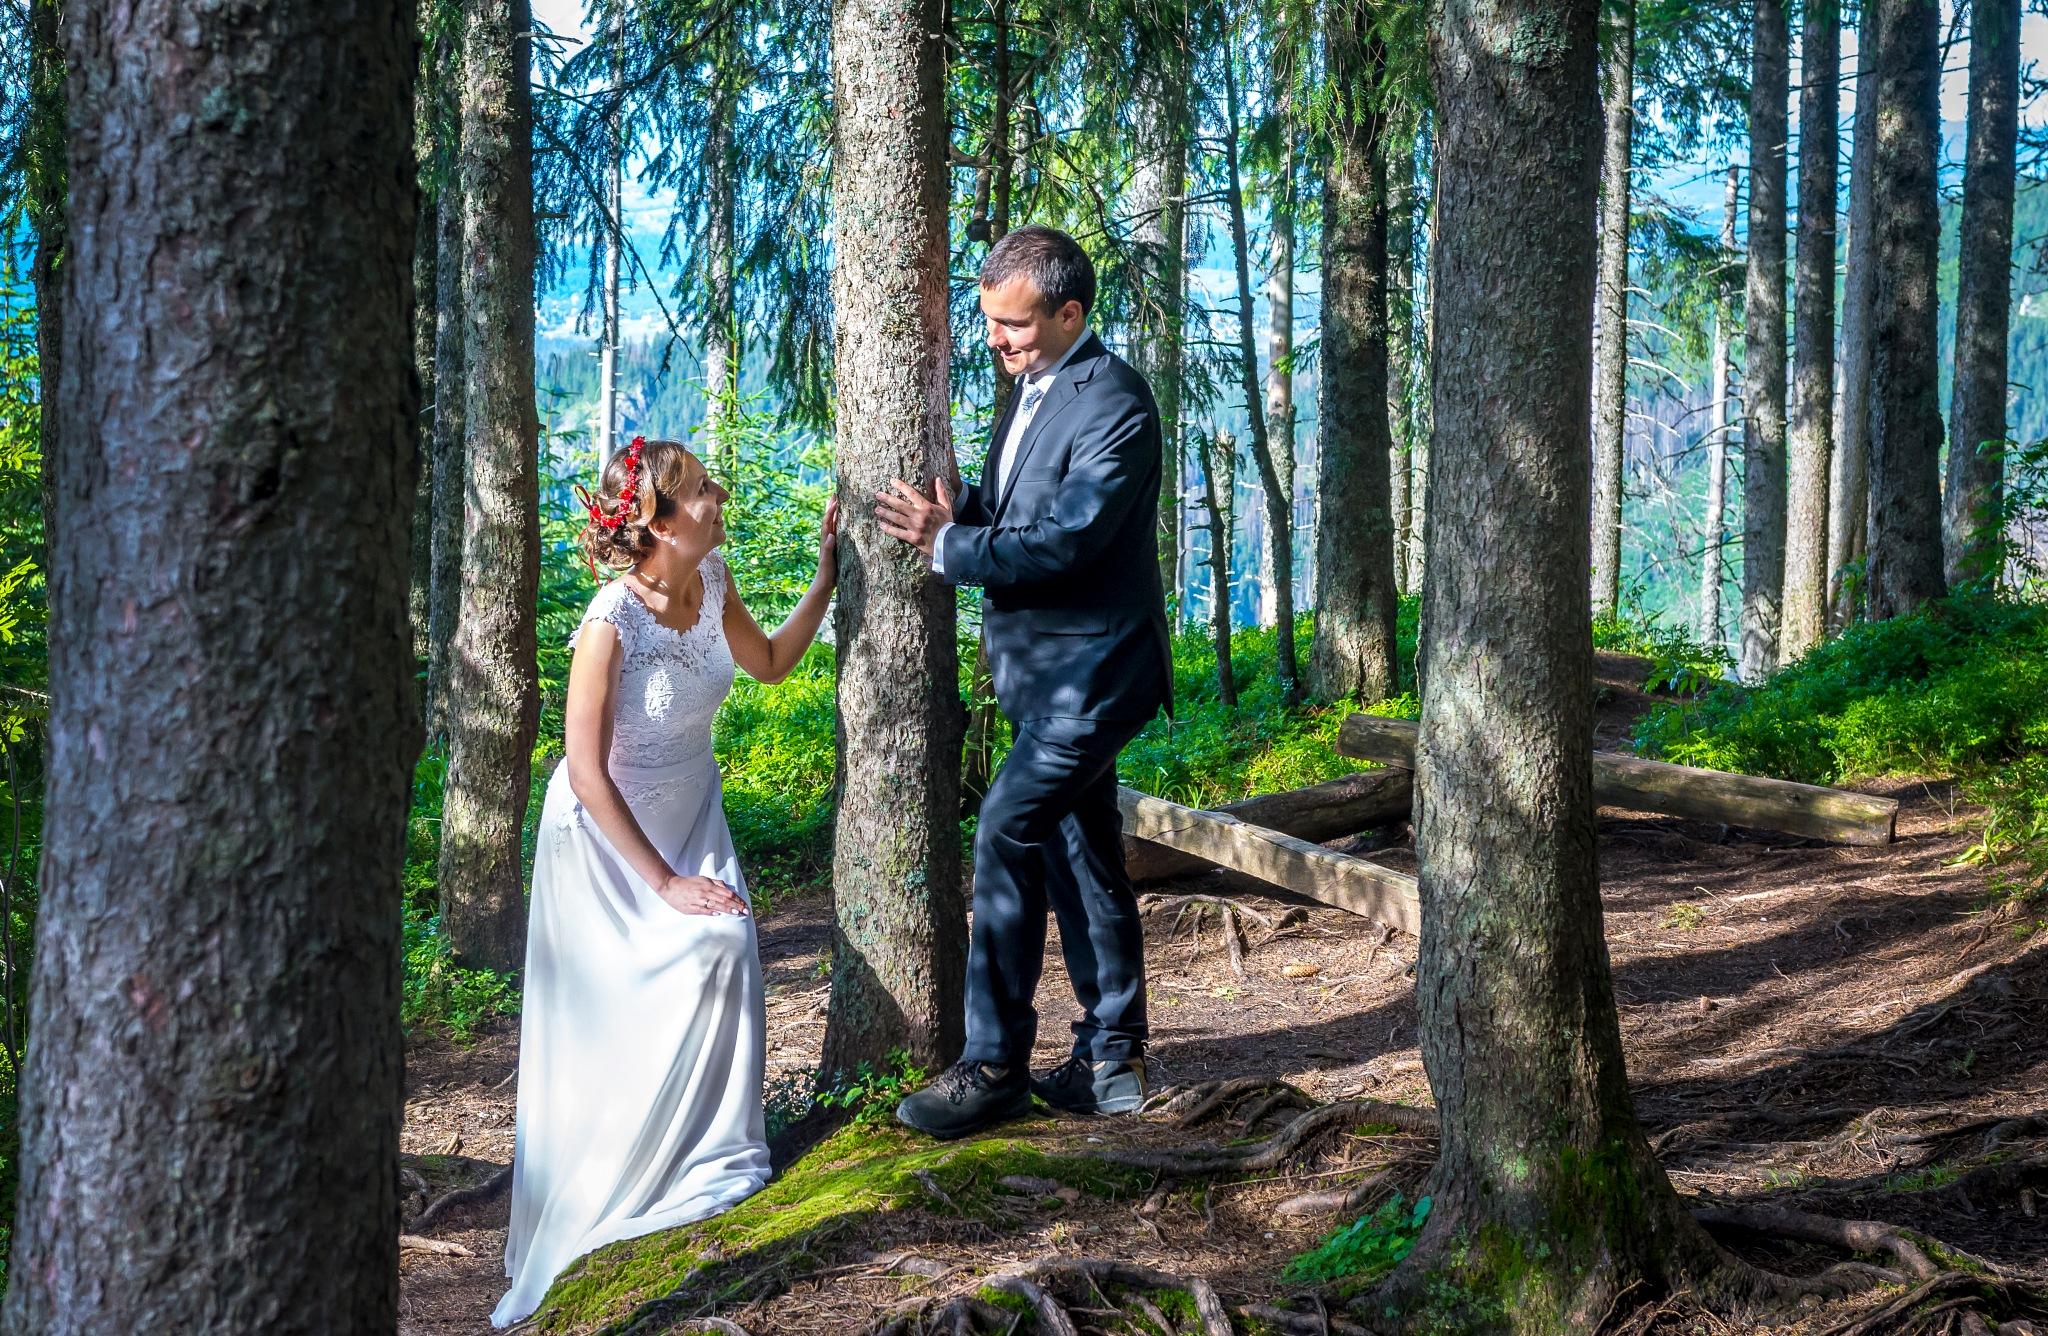 W lesie | In the forest by Adam Kolaśniewski